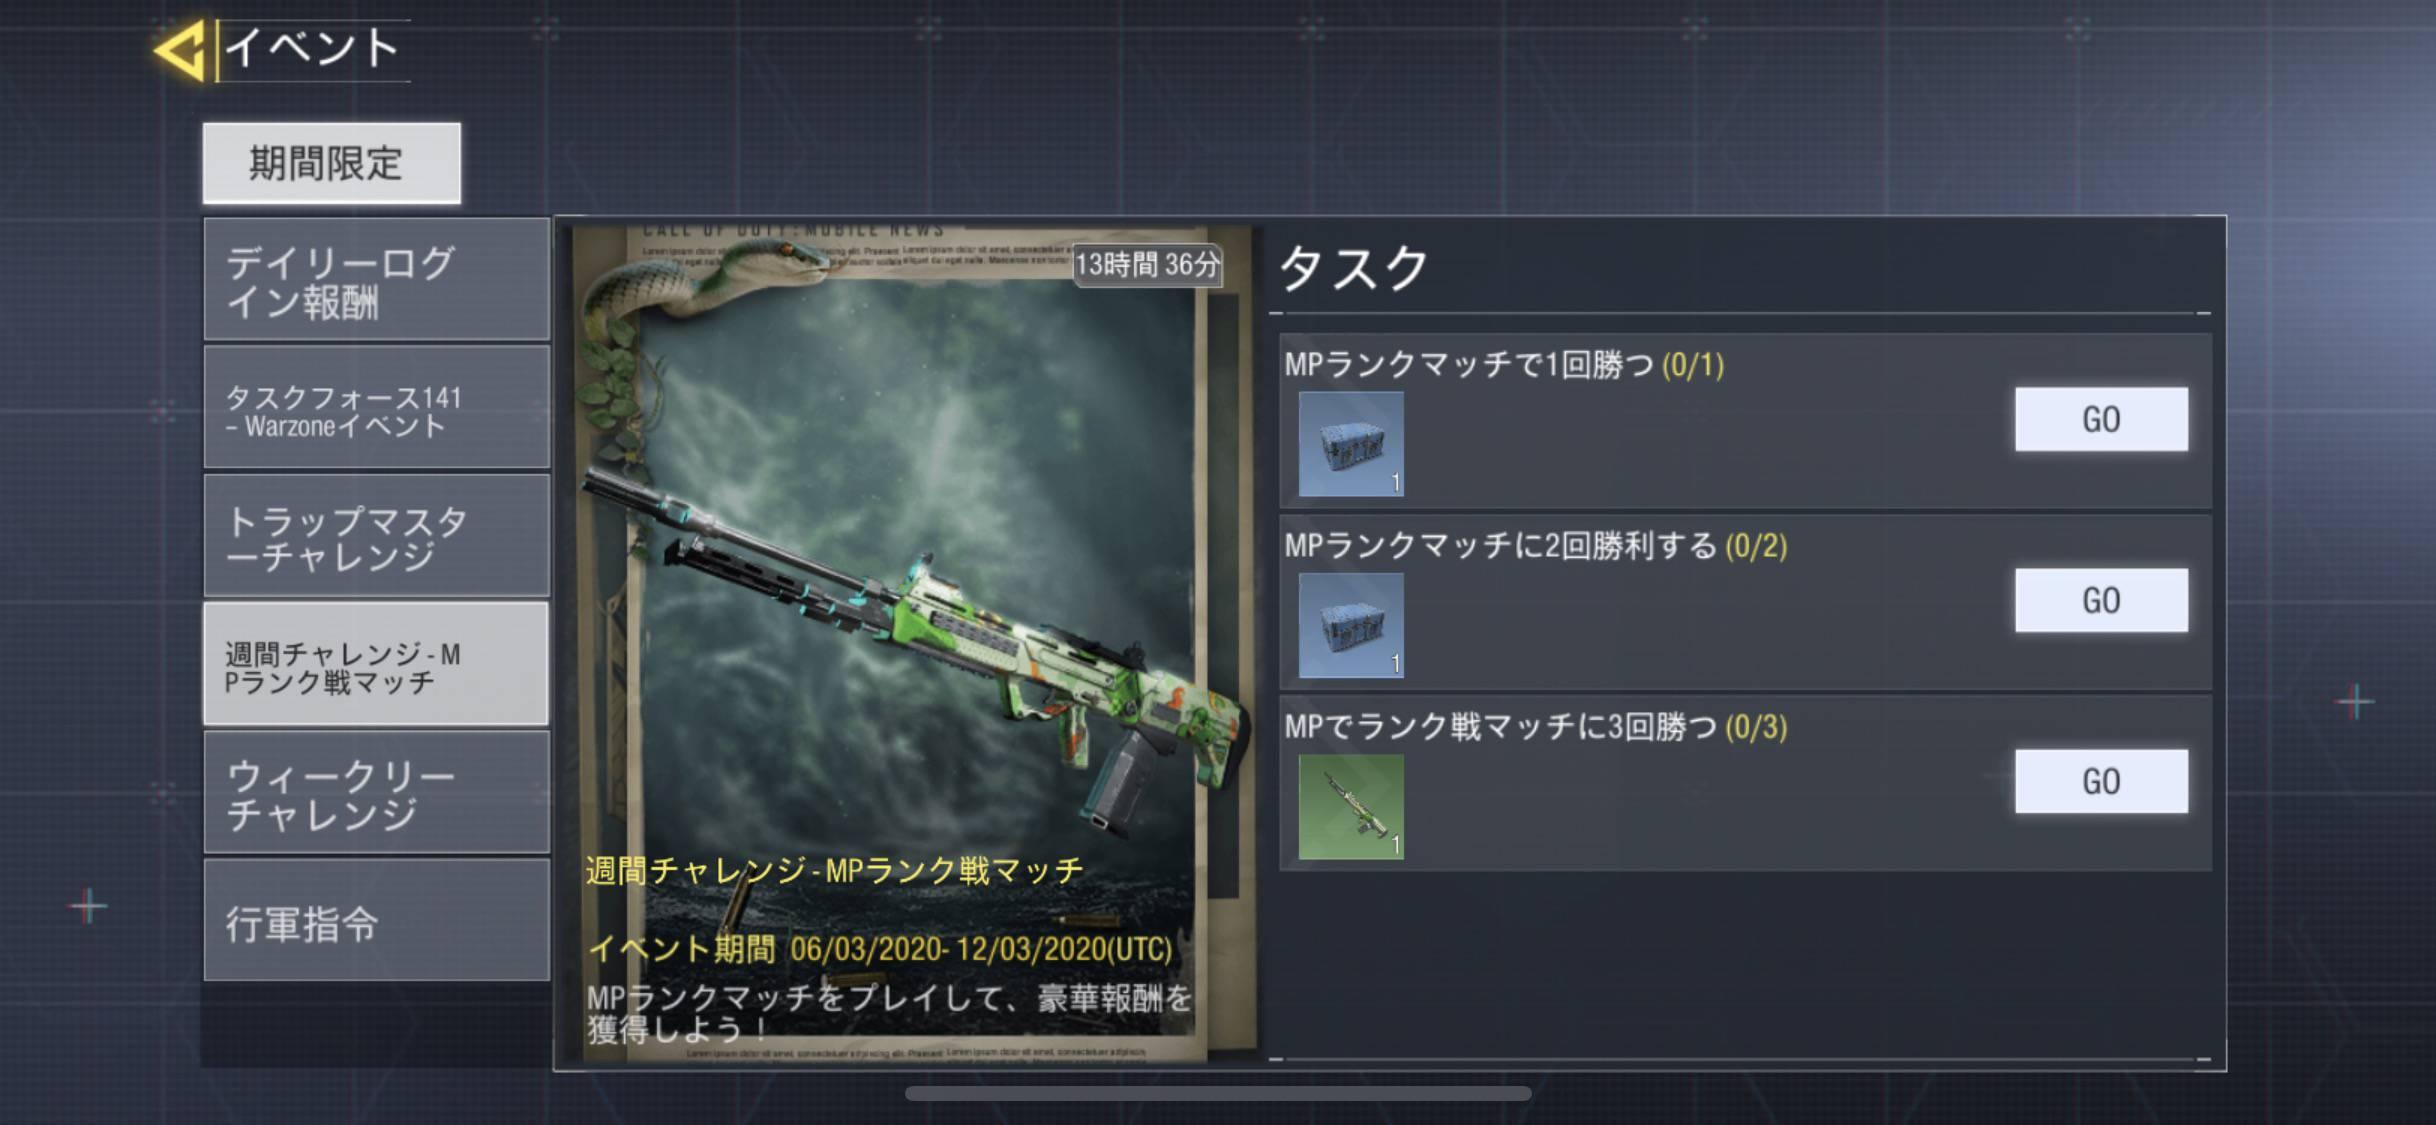 【CoDモバイル】こんな強武器が貰えるなんて、ほんとこのゲーム初心者優遇されてるのよな